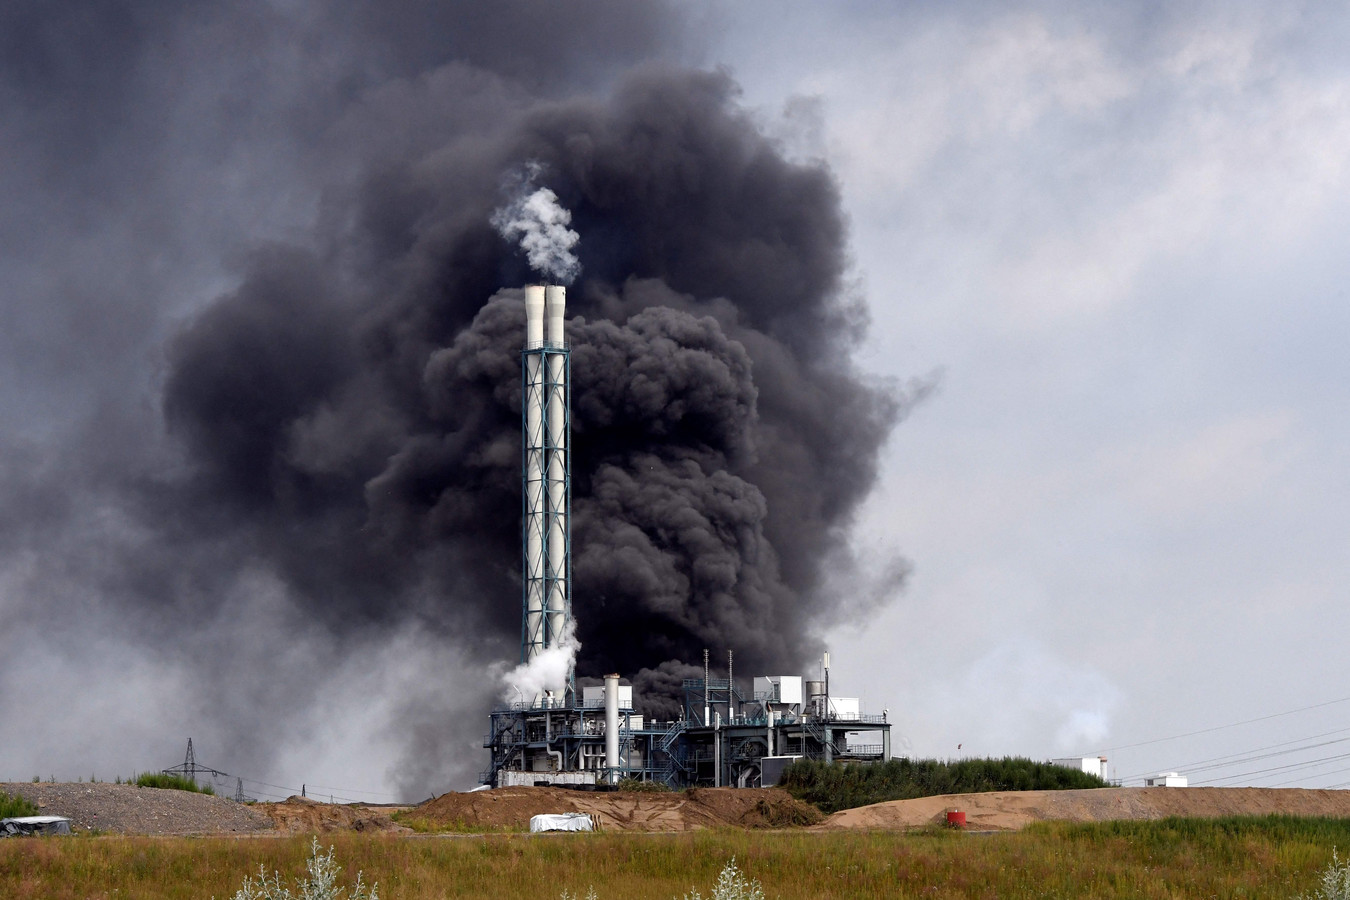 De la fumée s'élève d'une décharge et d'une zone d'incinération des déchets dans le parc industriel Chempark géré par l'opérateur Currenta, suite à une explosion dans le district de Buerrig à Leverkusen, dans l'ouest de l'Allemagne, le 27 juillet 2021.